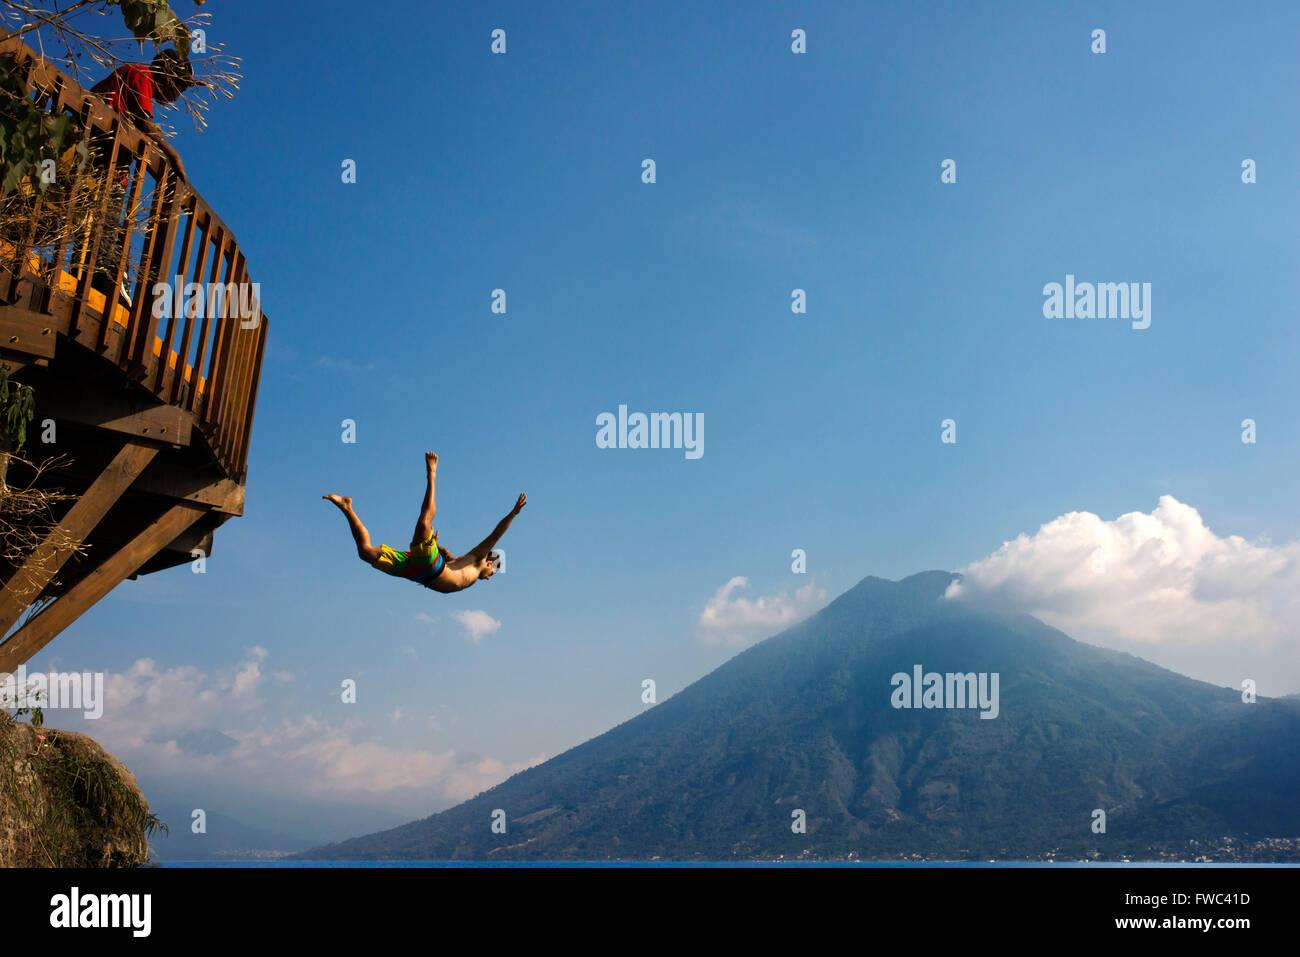 San Marcos La Laguna, Atitlán lago salto: Cerro Tzankujil Trampolin y miradores. Las personas tomando fotos Imagen De Stock